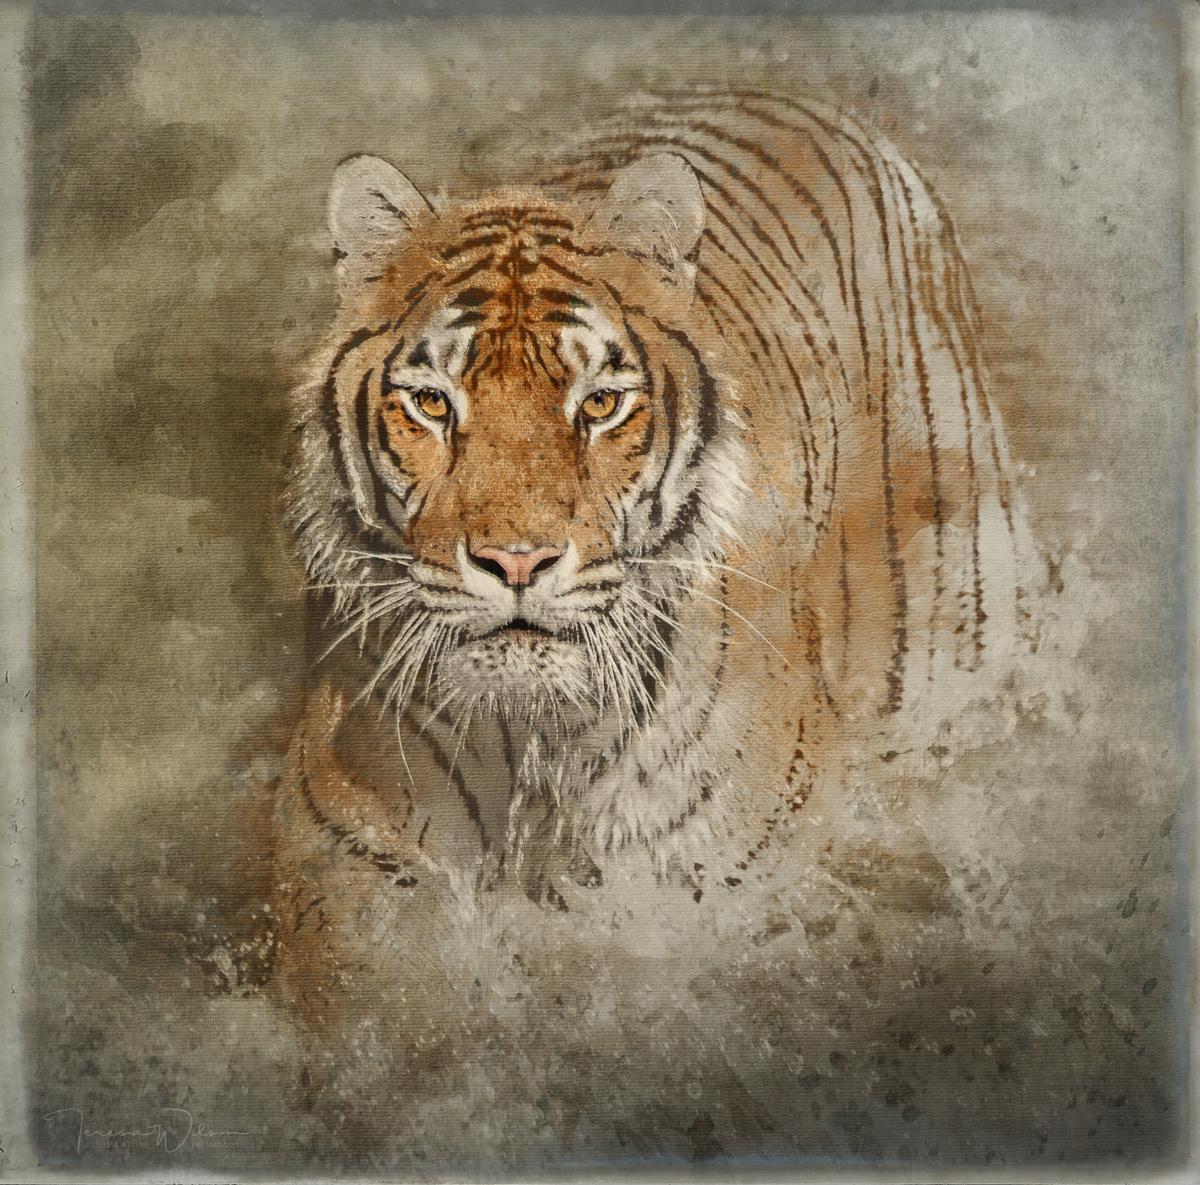 Tiger Splash (large view)